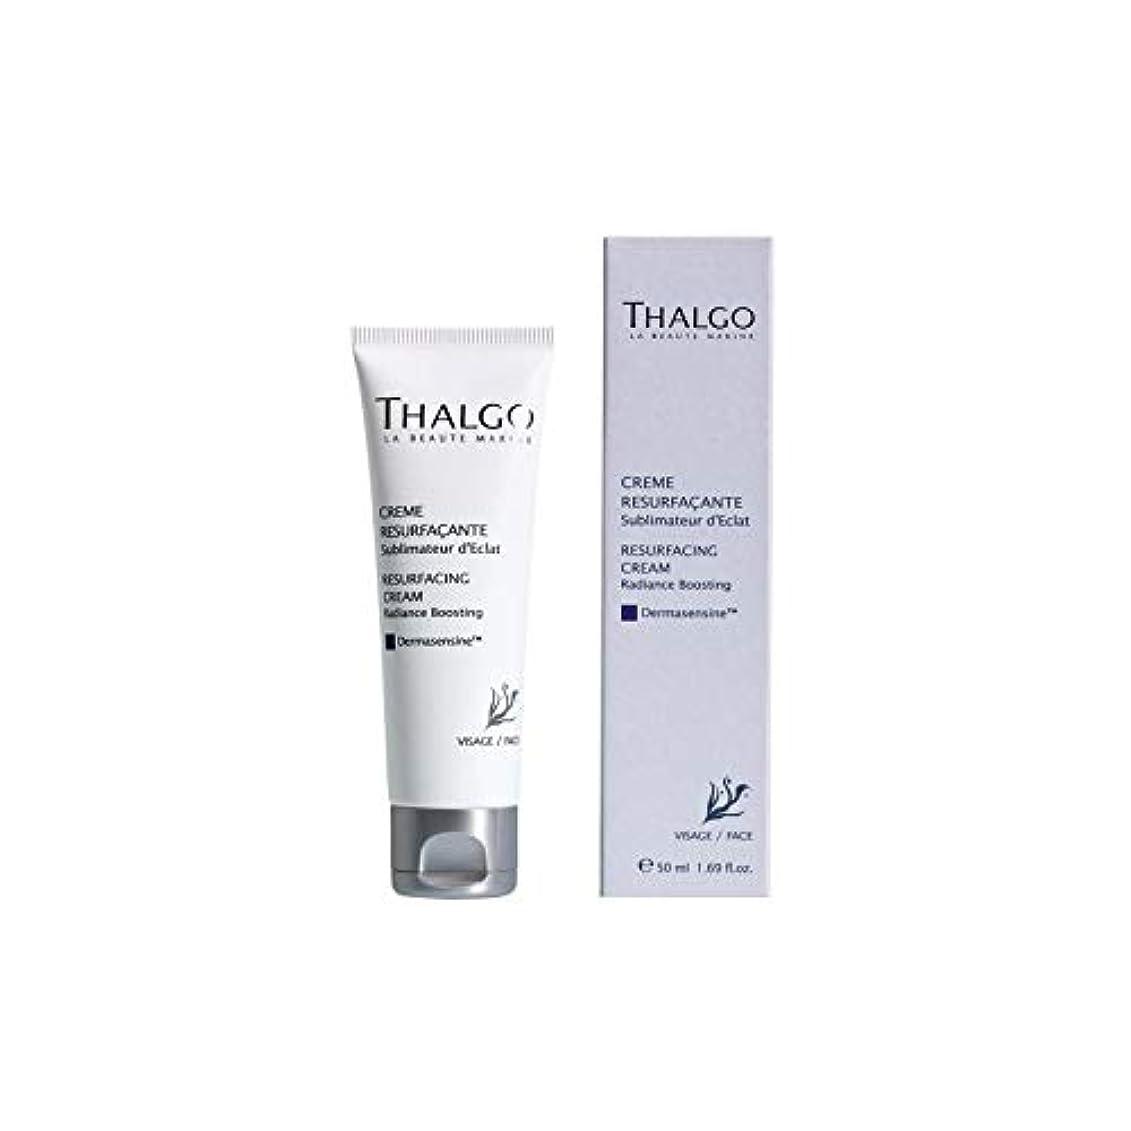 鉛甘い急行する[Thalgo ] タルゴ再舗装クリーム(50ミリリットル) - Thalgo Resurfacing Cream (50ml) [並行輸入品]